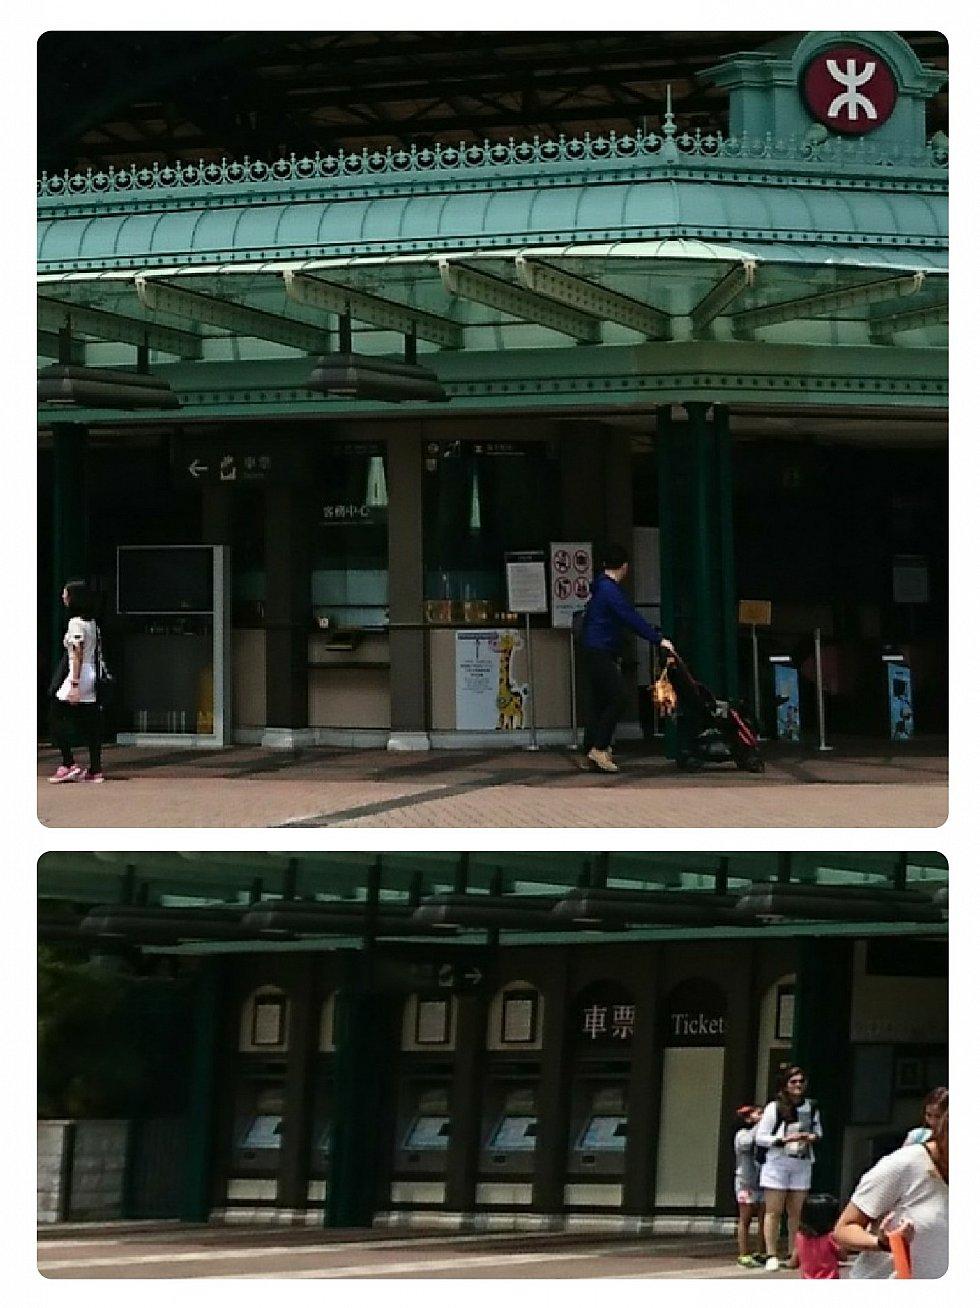 帰りは長蛇の列になる客務中心。オクトパスカードのチャージをするなら到着時がいいです。改札口の左側には券売機もあります。